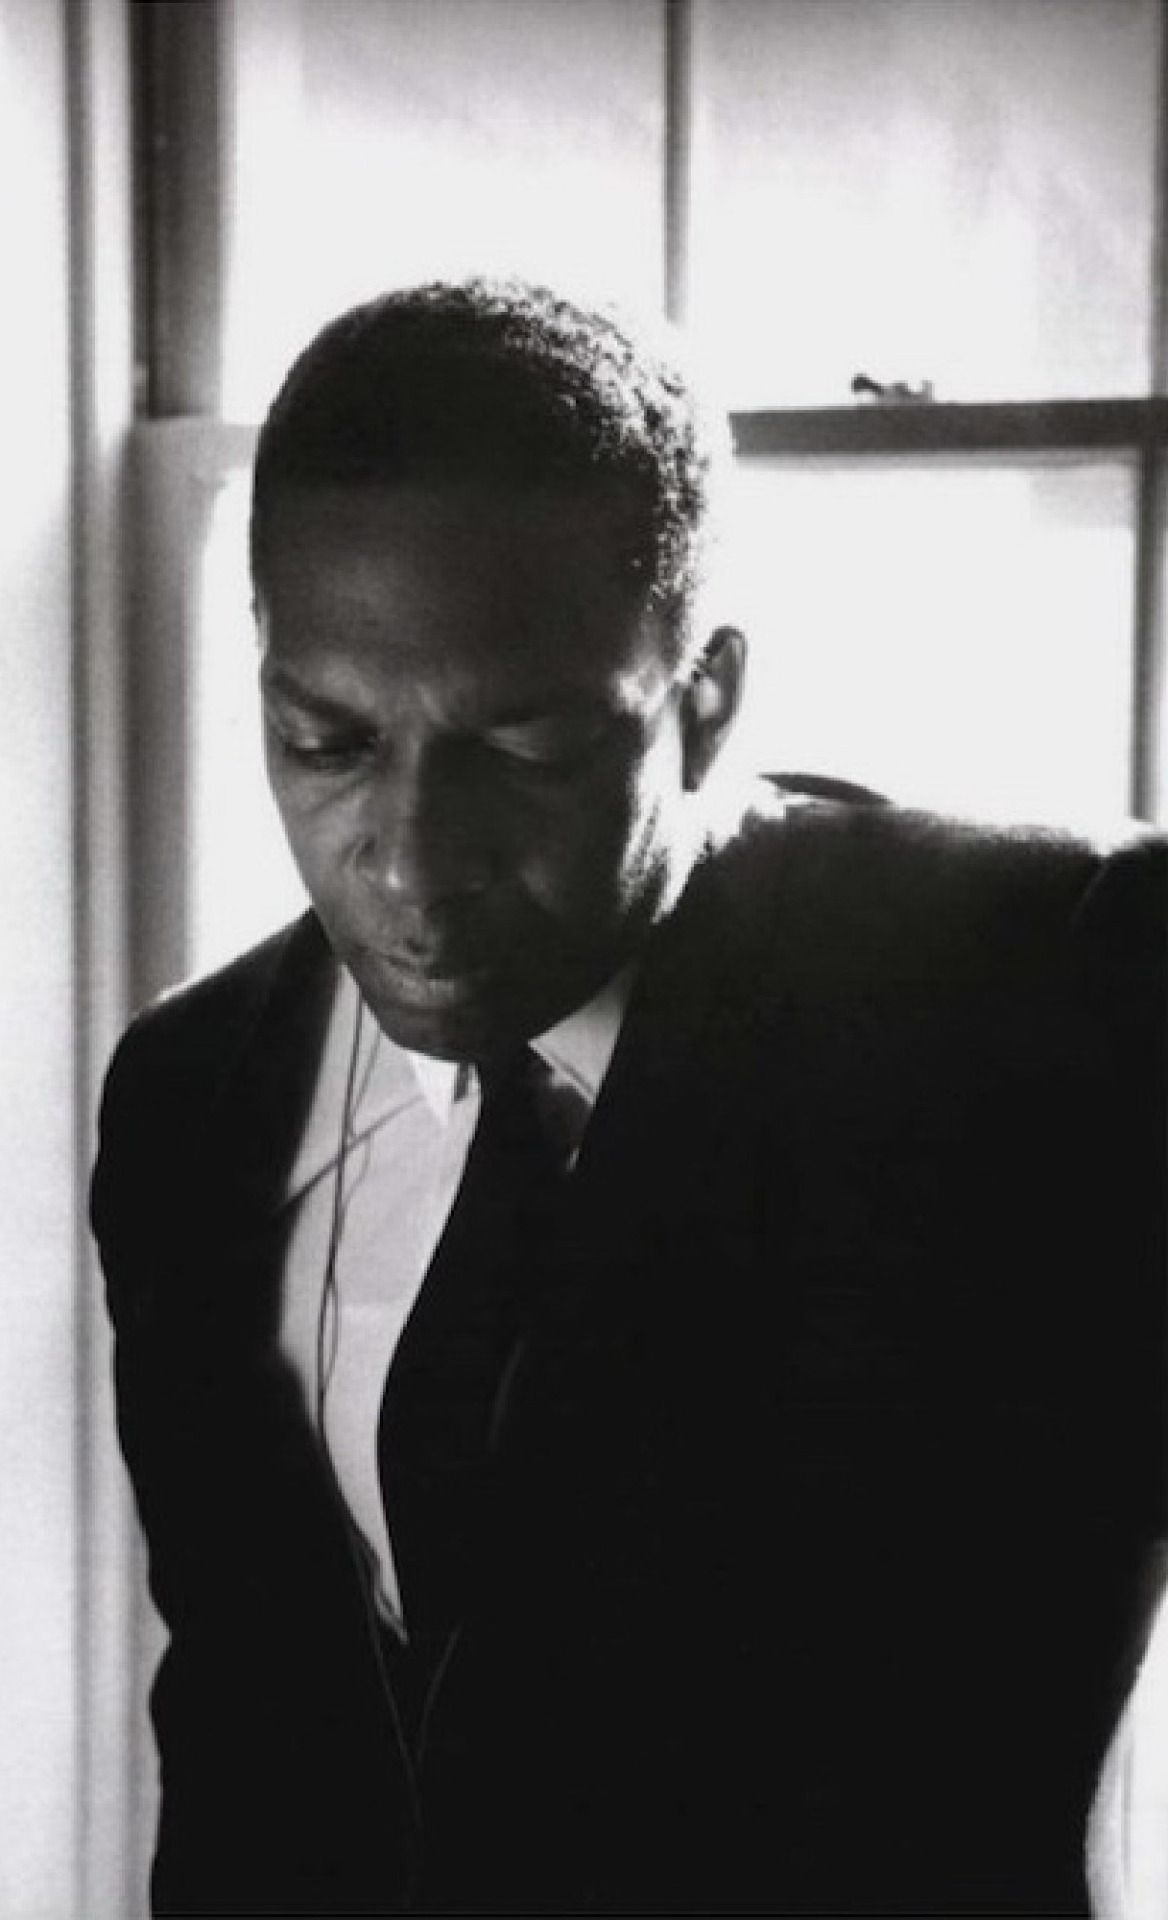 De Salva Jazz Musicians Jim Marshall Jazz